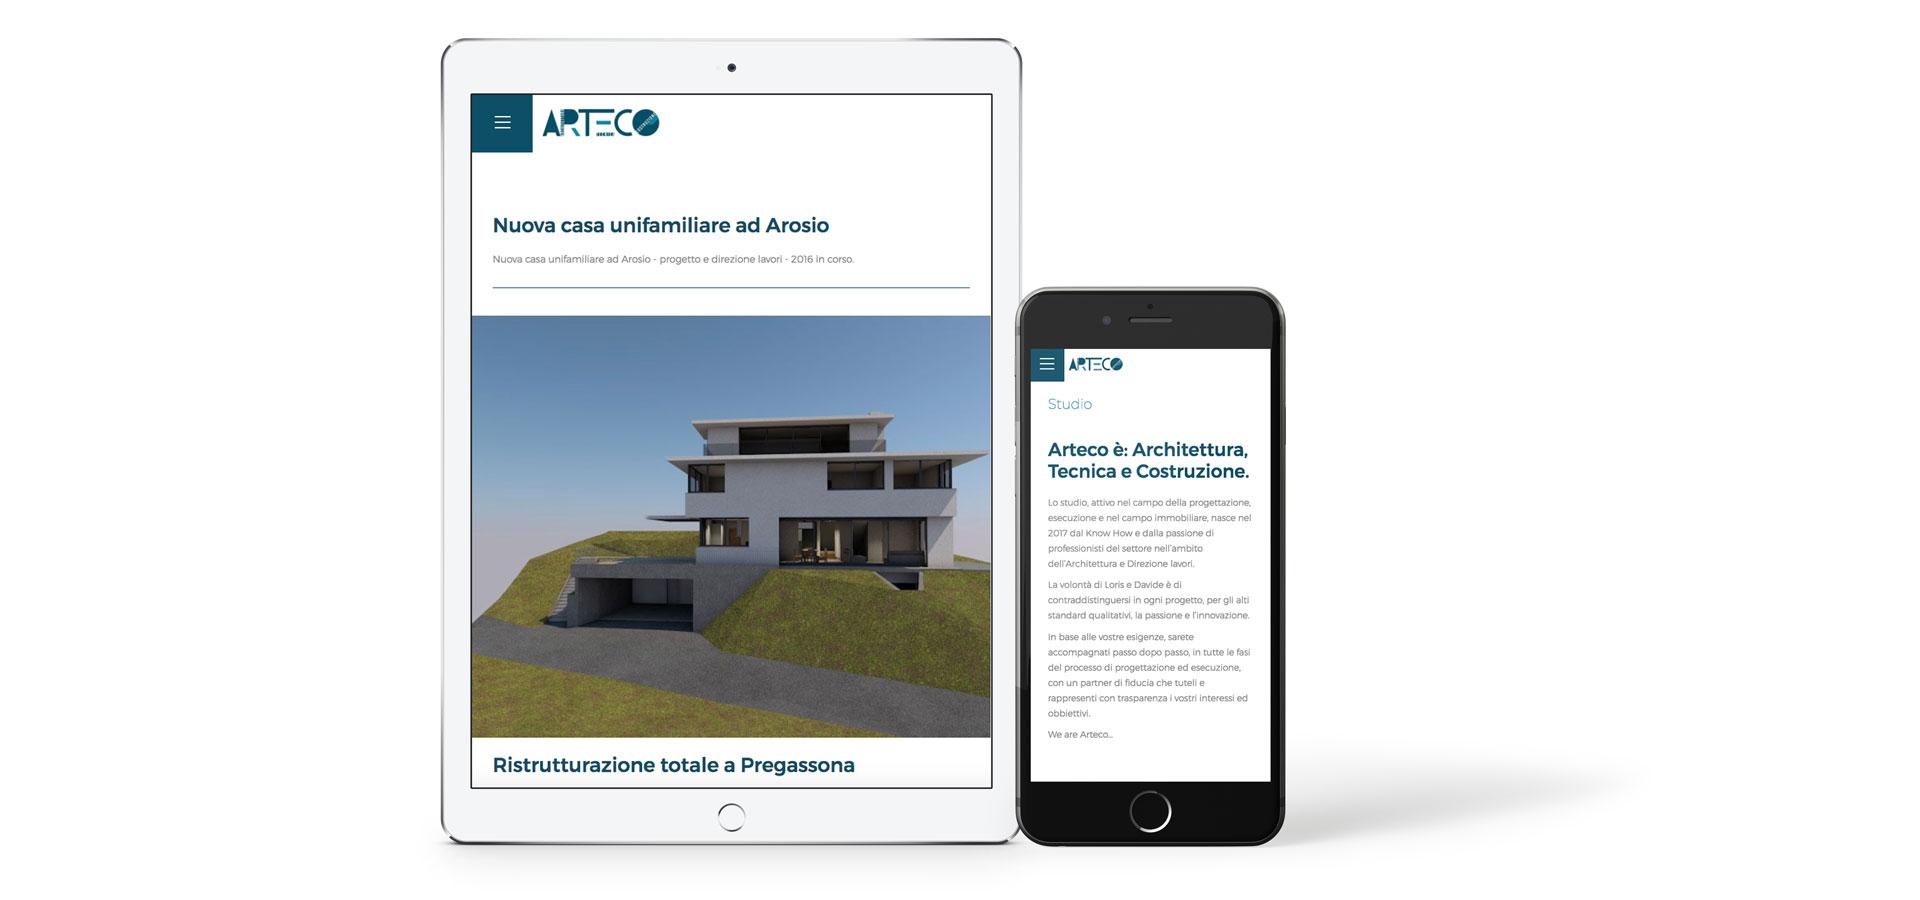 GSite realizzazione web site Arteco responsive